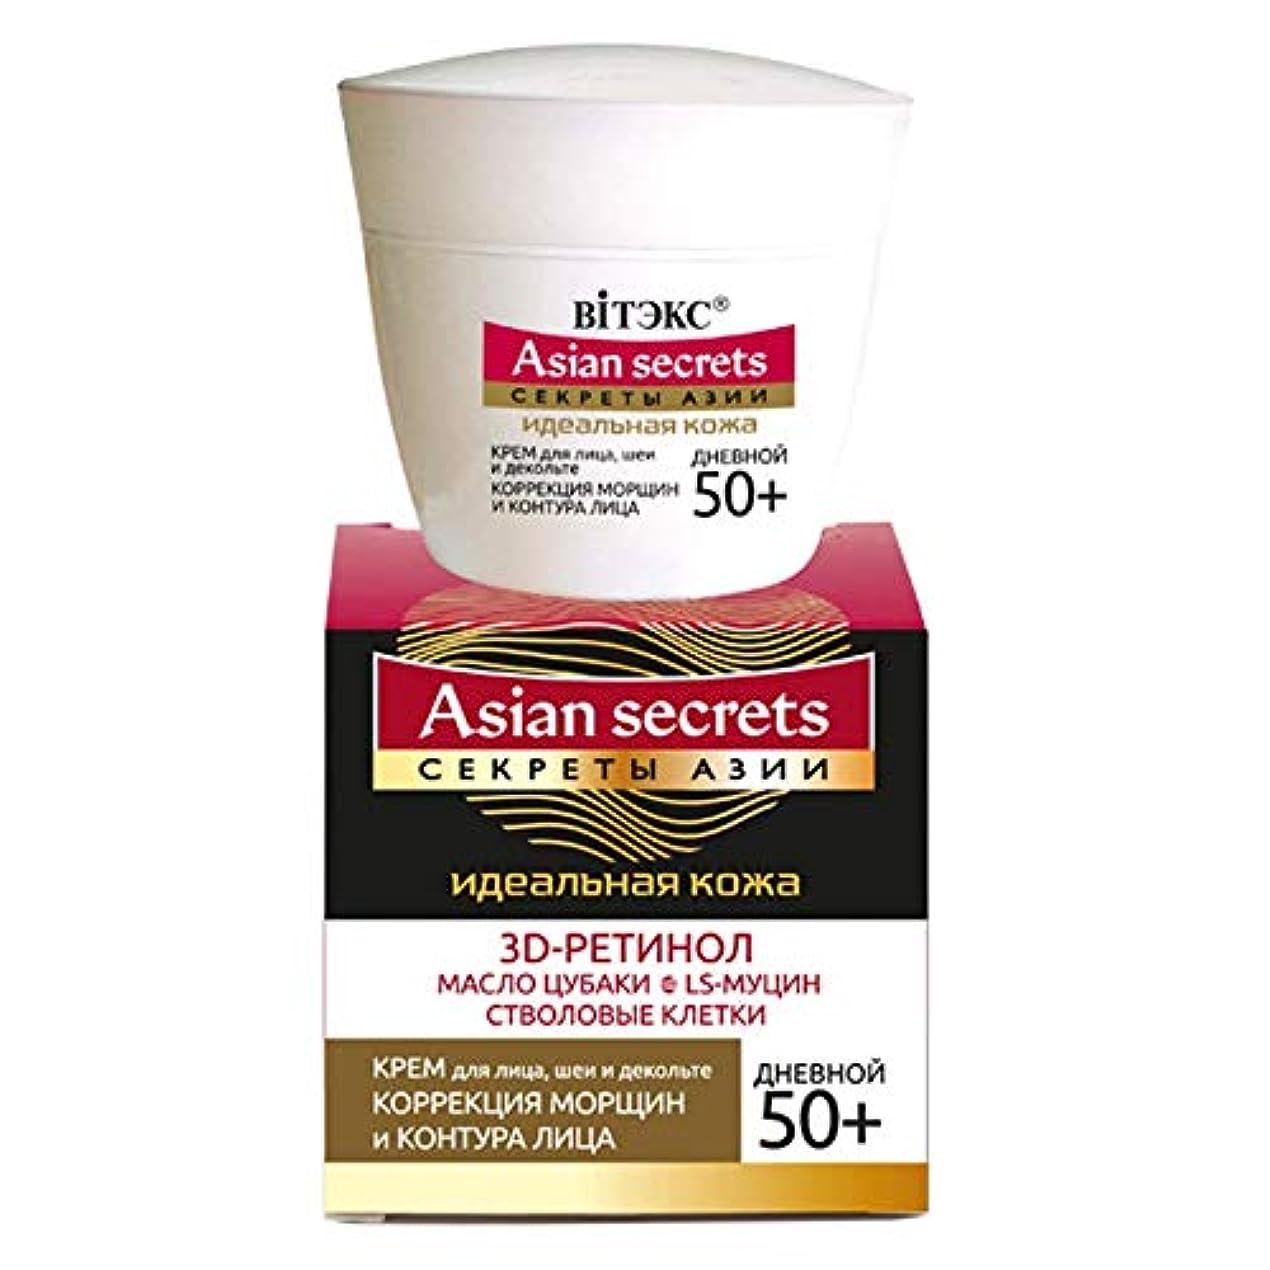 望むマティス冷えるBielita & Vitex | Asian seсrets | Day cream for face, neck and neckline | Wrinkle and facial contour correction | 50+ | 3D retinol | TsUBAK OIL | STEM CELLS | LS-MUCIN | 45 ml